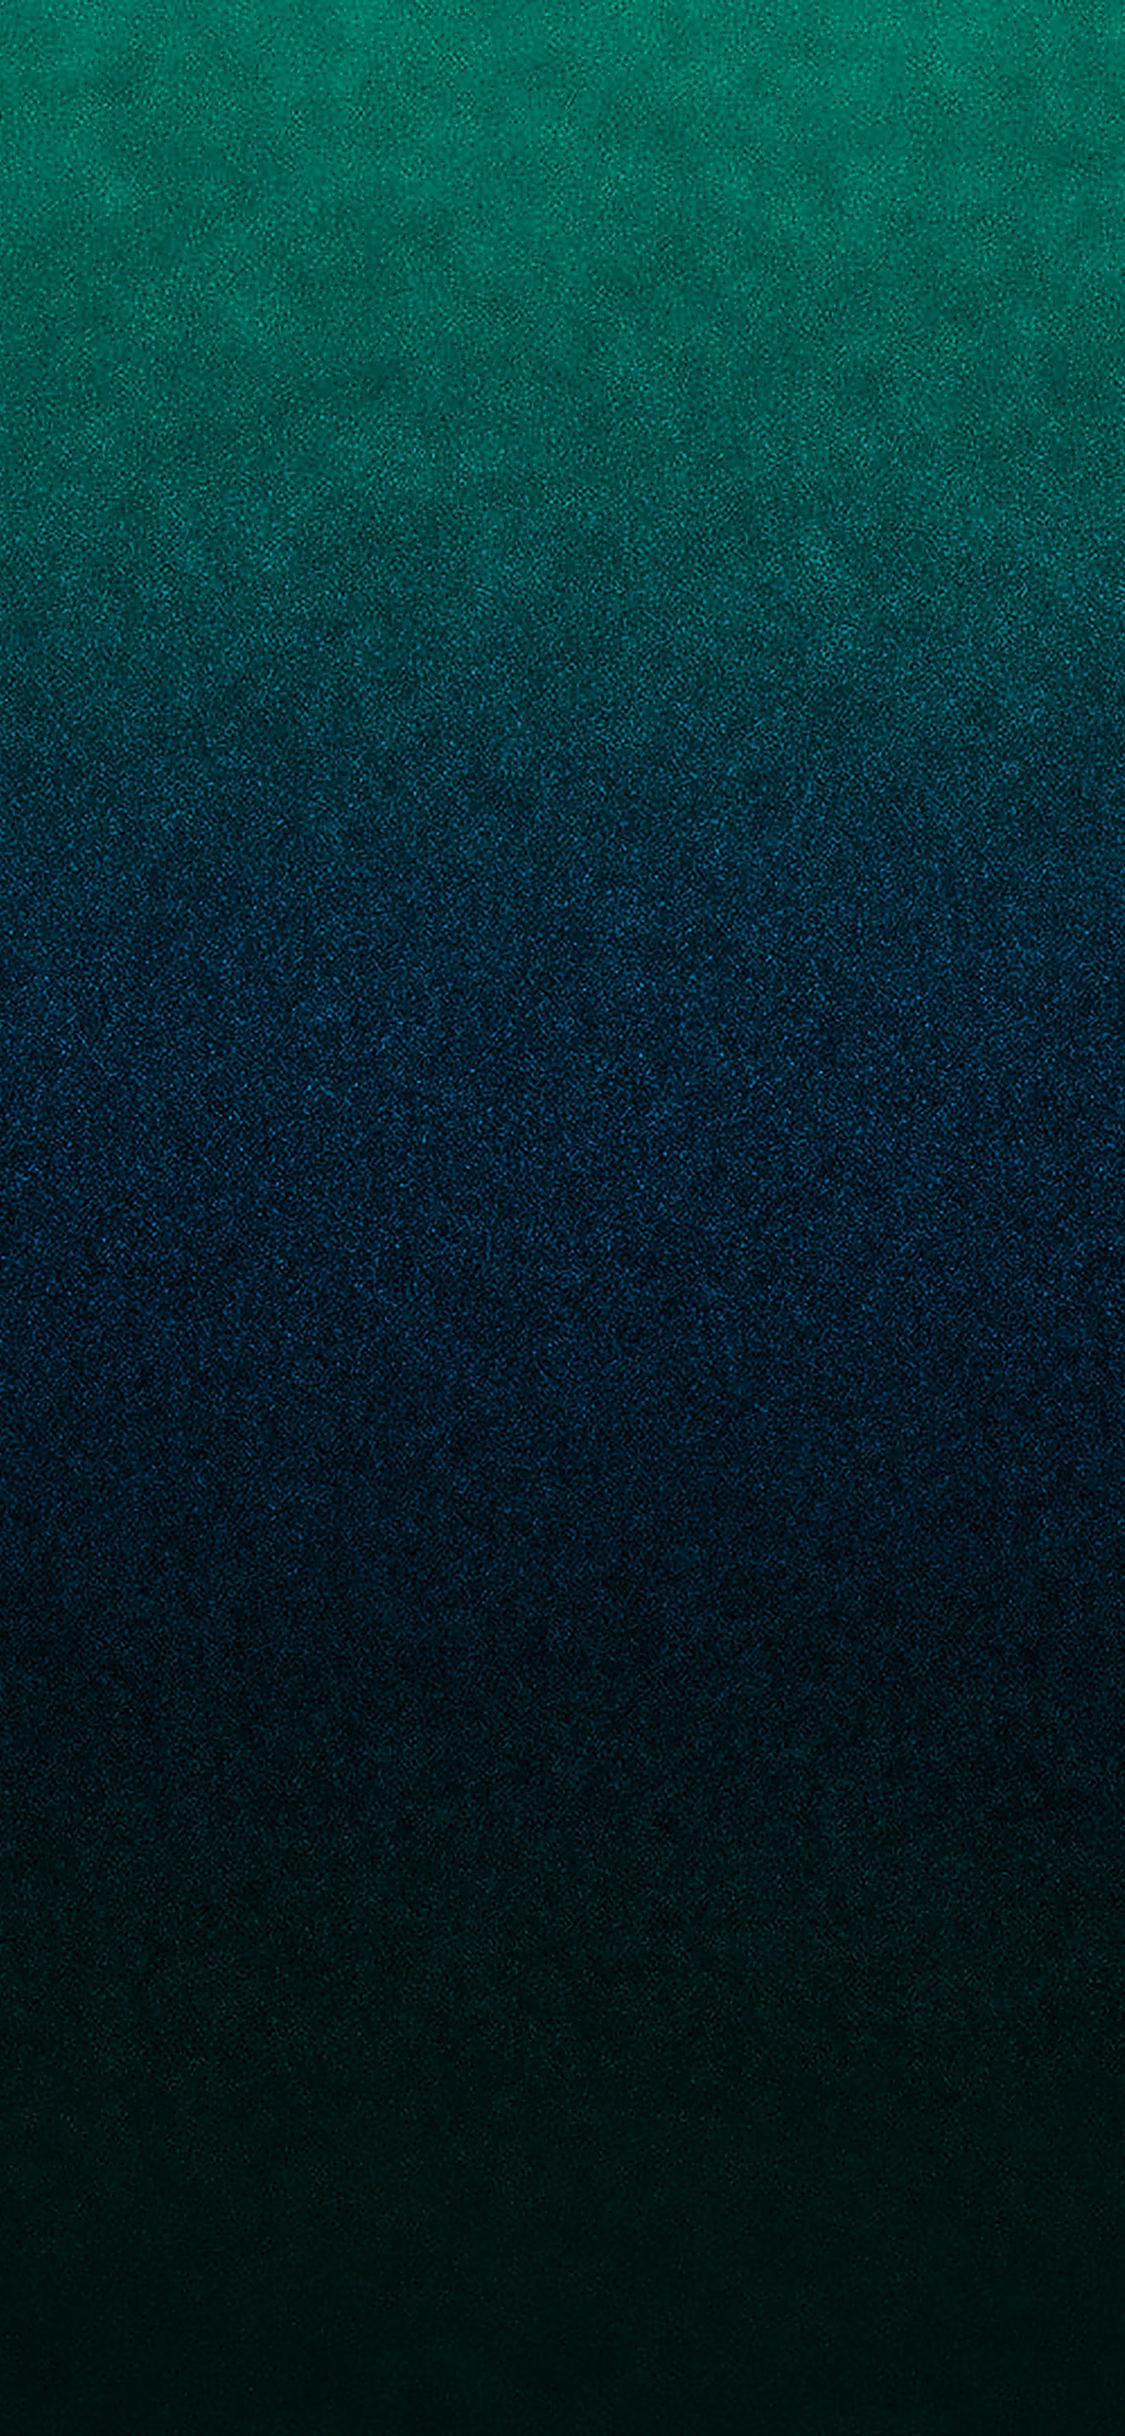 iPhoneXpapers.com-Apple-iPhone-wallpaper-vb22-wallpaper-party-saturday-blue-gradation